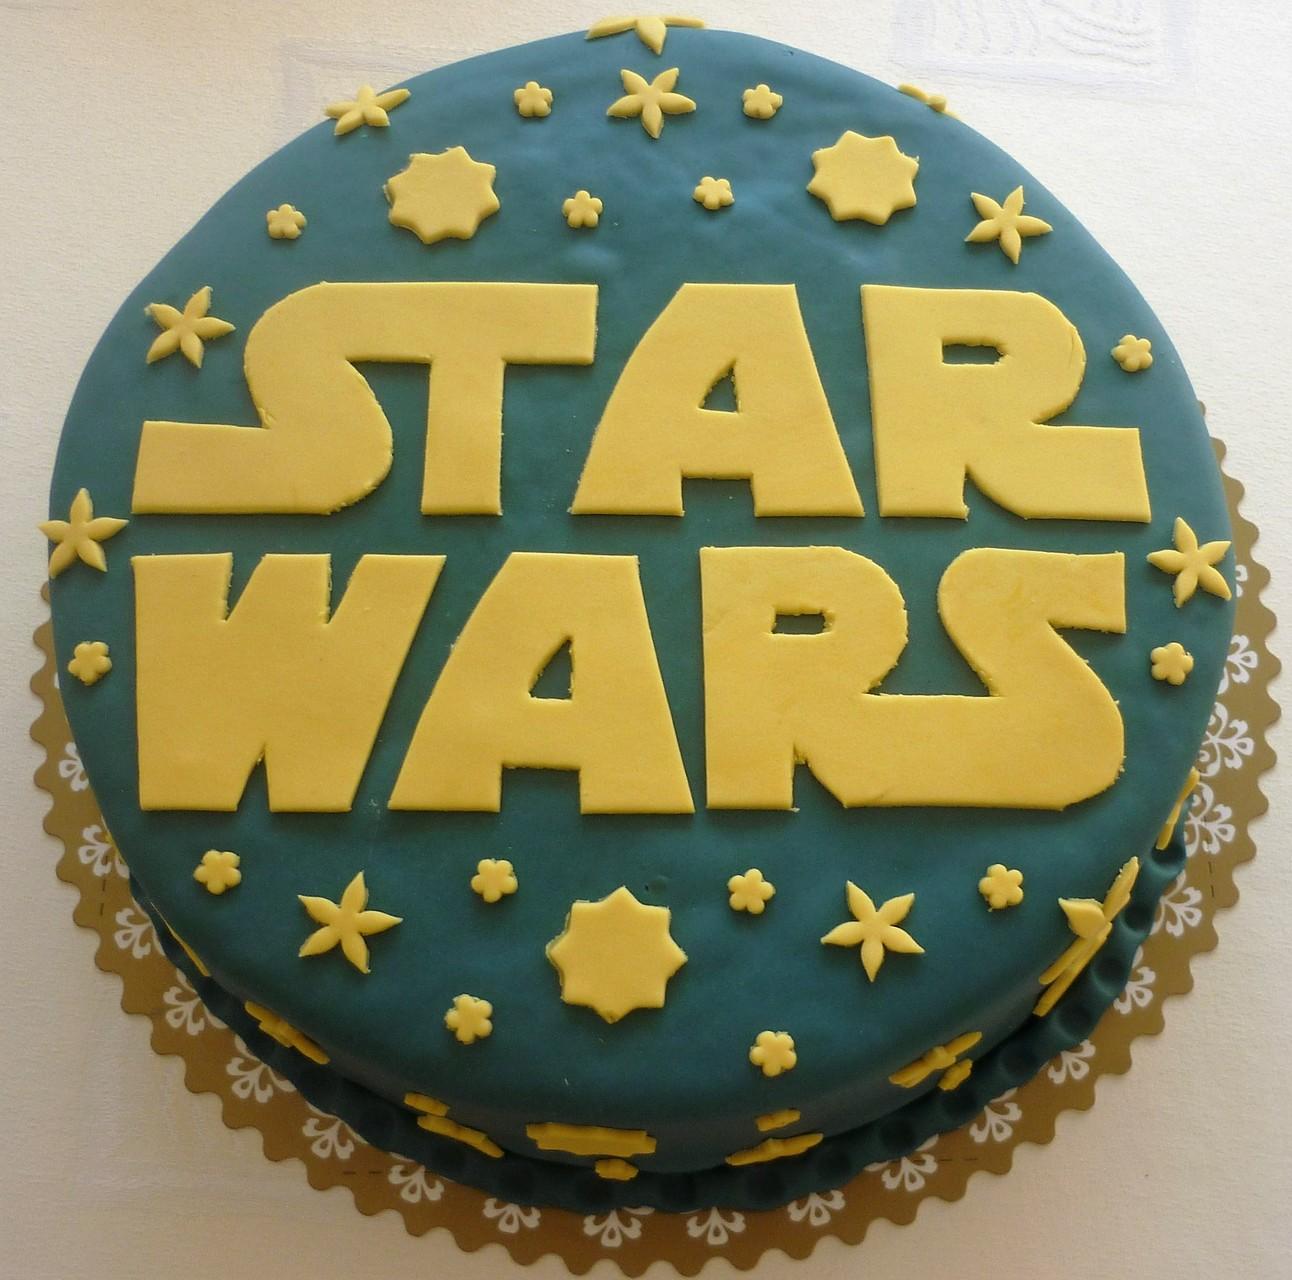 Für Fans von Star Wars und Weltraumenthusiasten.